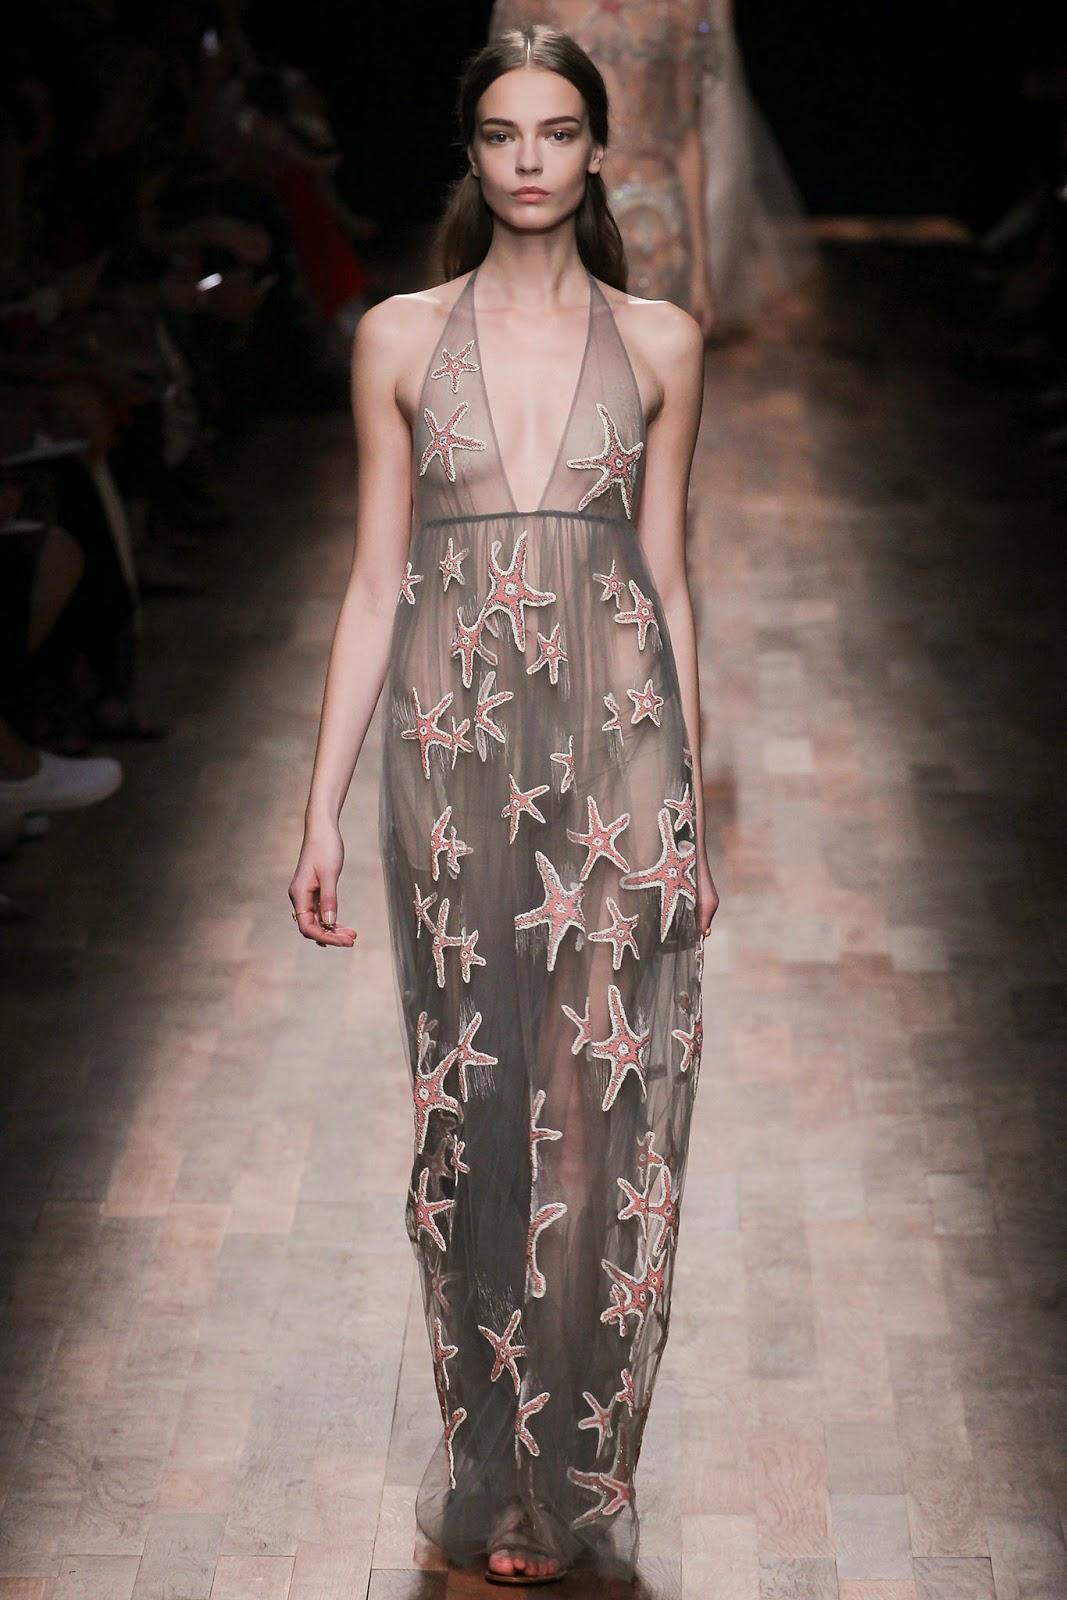 valentino 2015 summer 2016 trend women dress92 Valentino 2015 samling, våren sommaren 2016 Valentino klänning modeller, Valentino kväll klänning nya säsongen kvinnors kjolar modeller